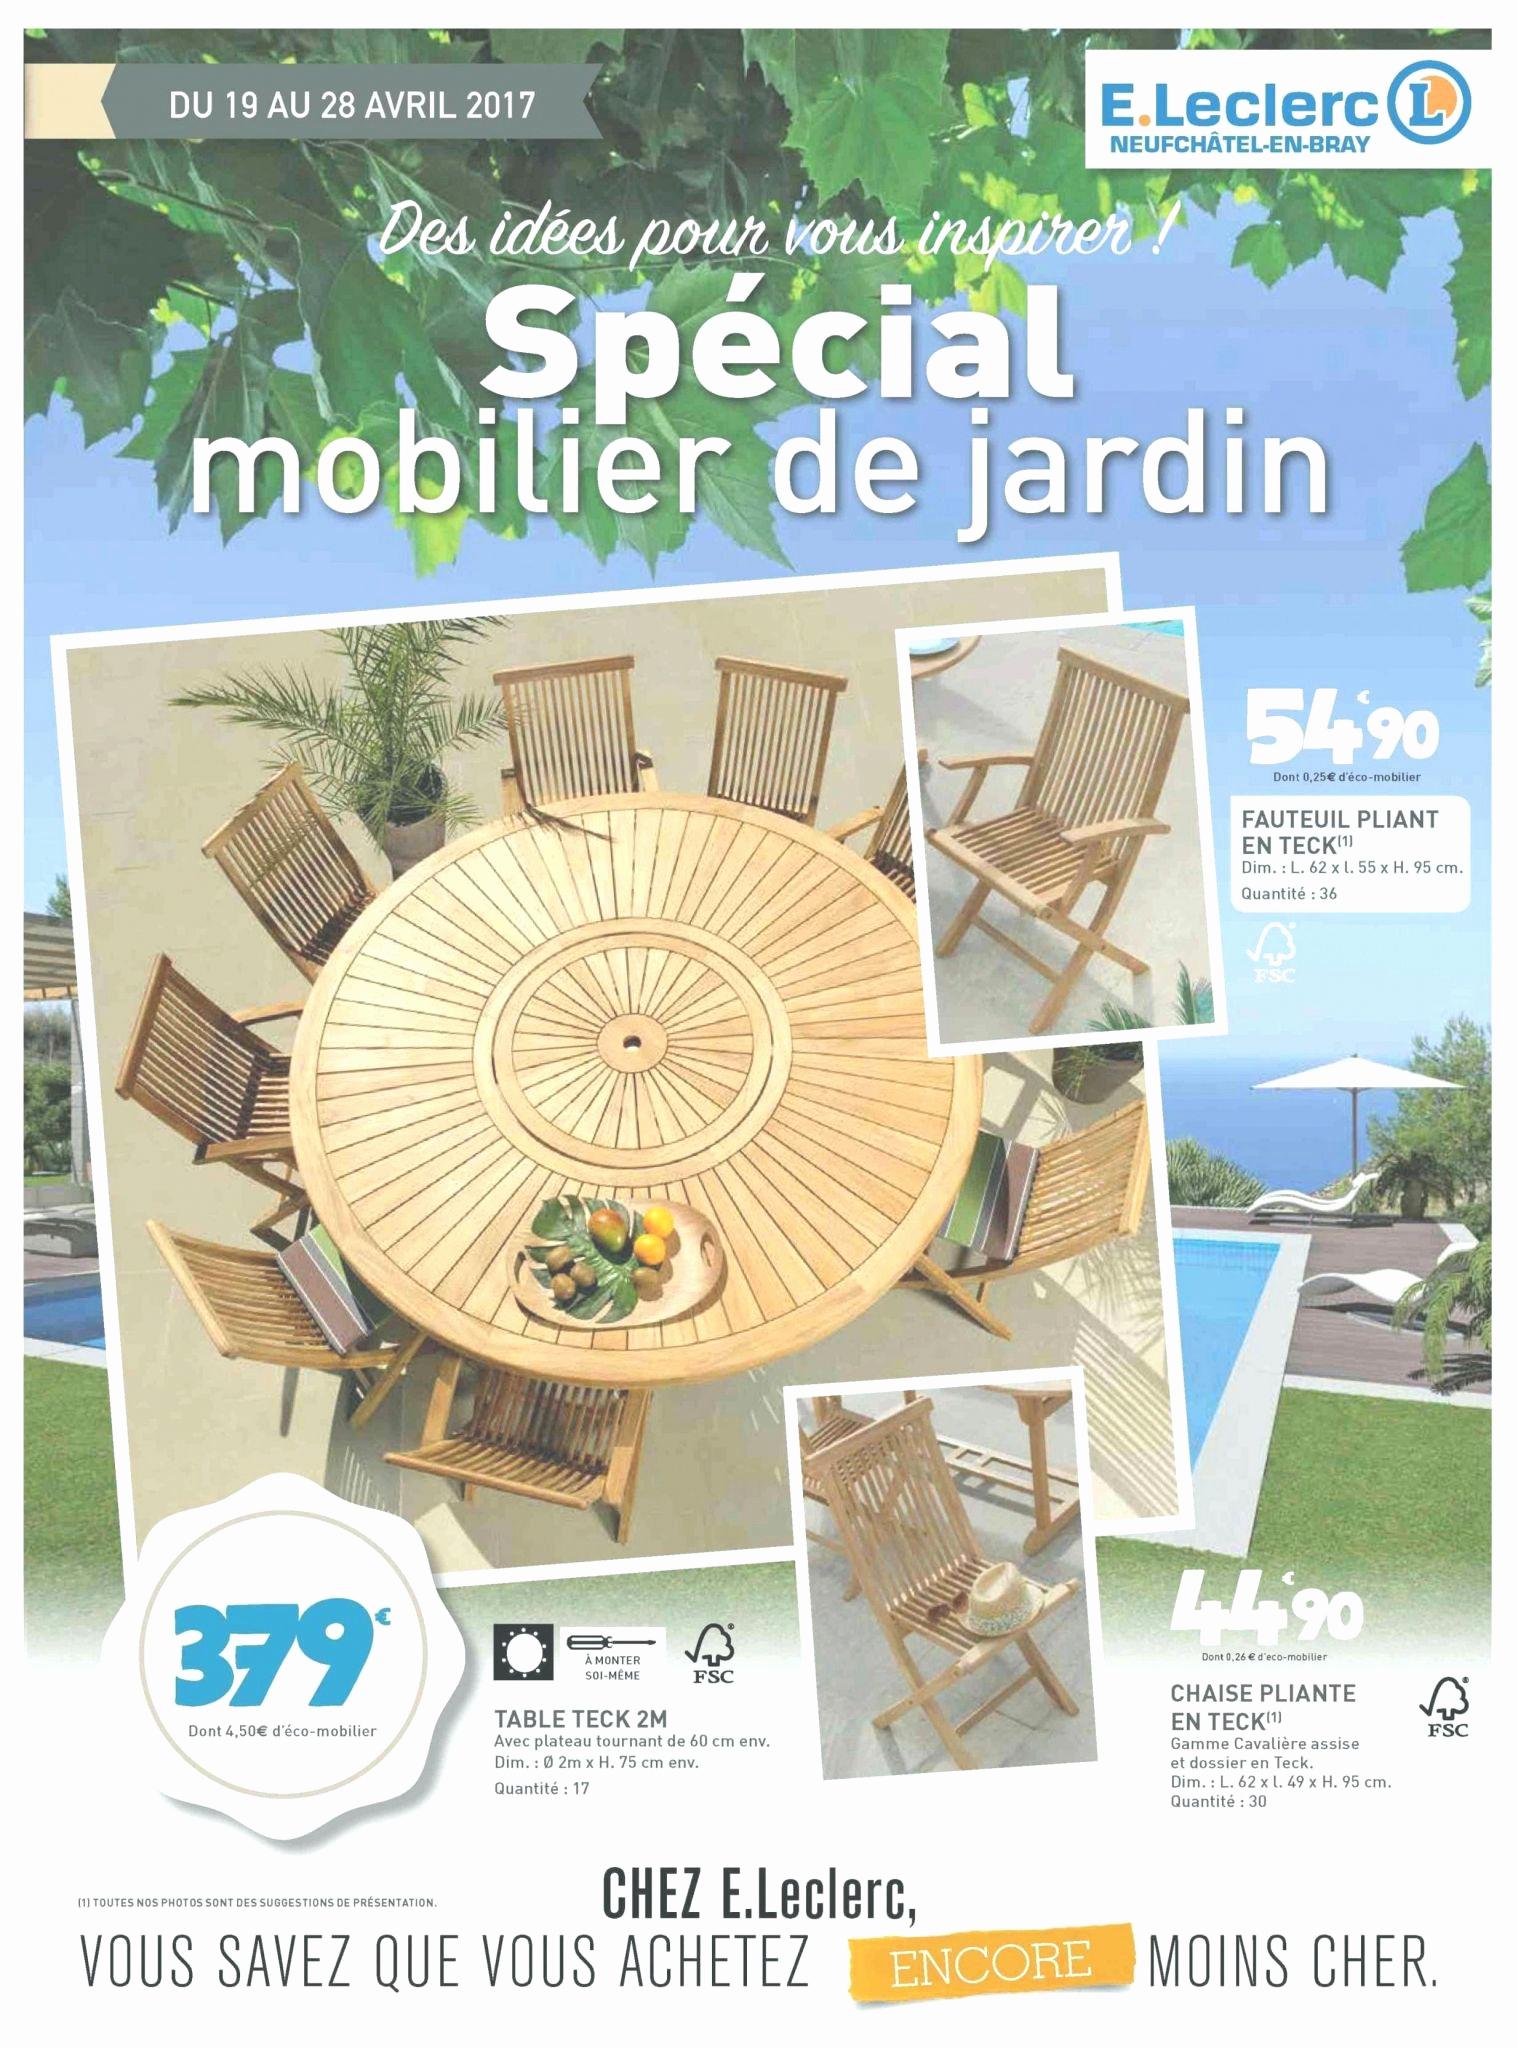 Bon Images De Salle A Manger Belgique Luxe Salon De Jardin ... pour Salon De Jardin Par Cher